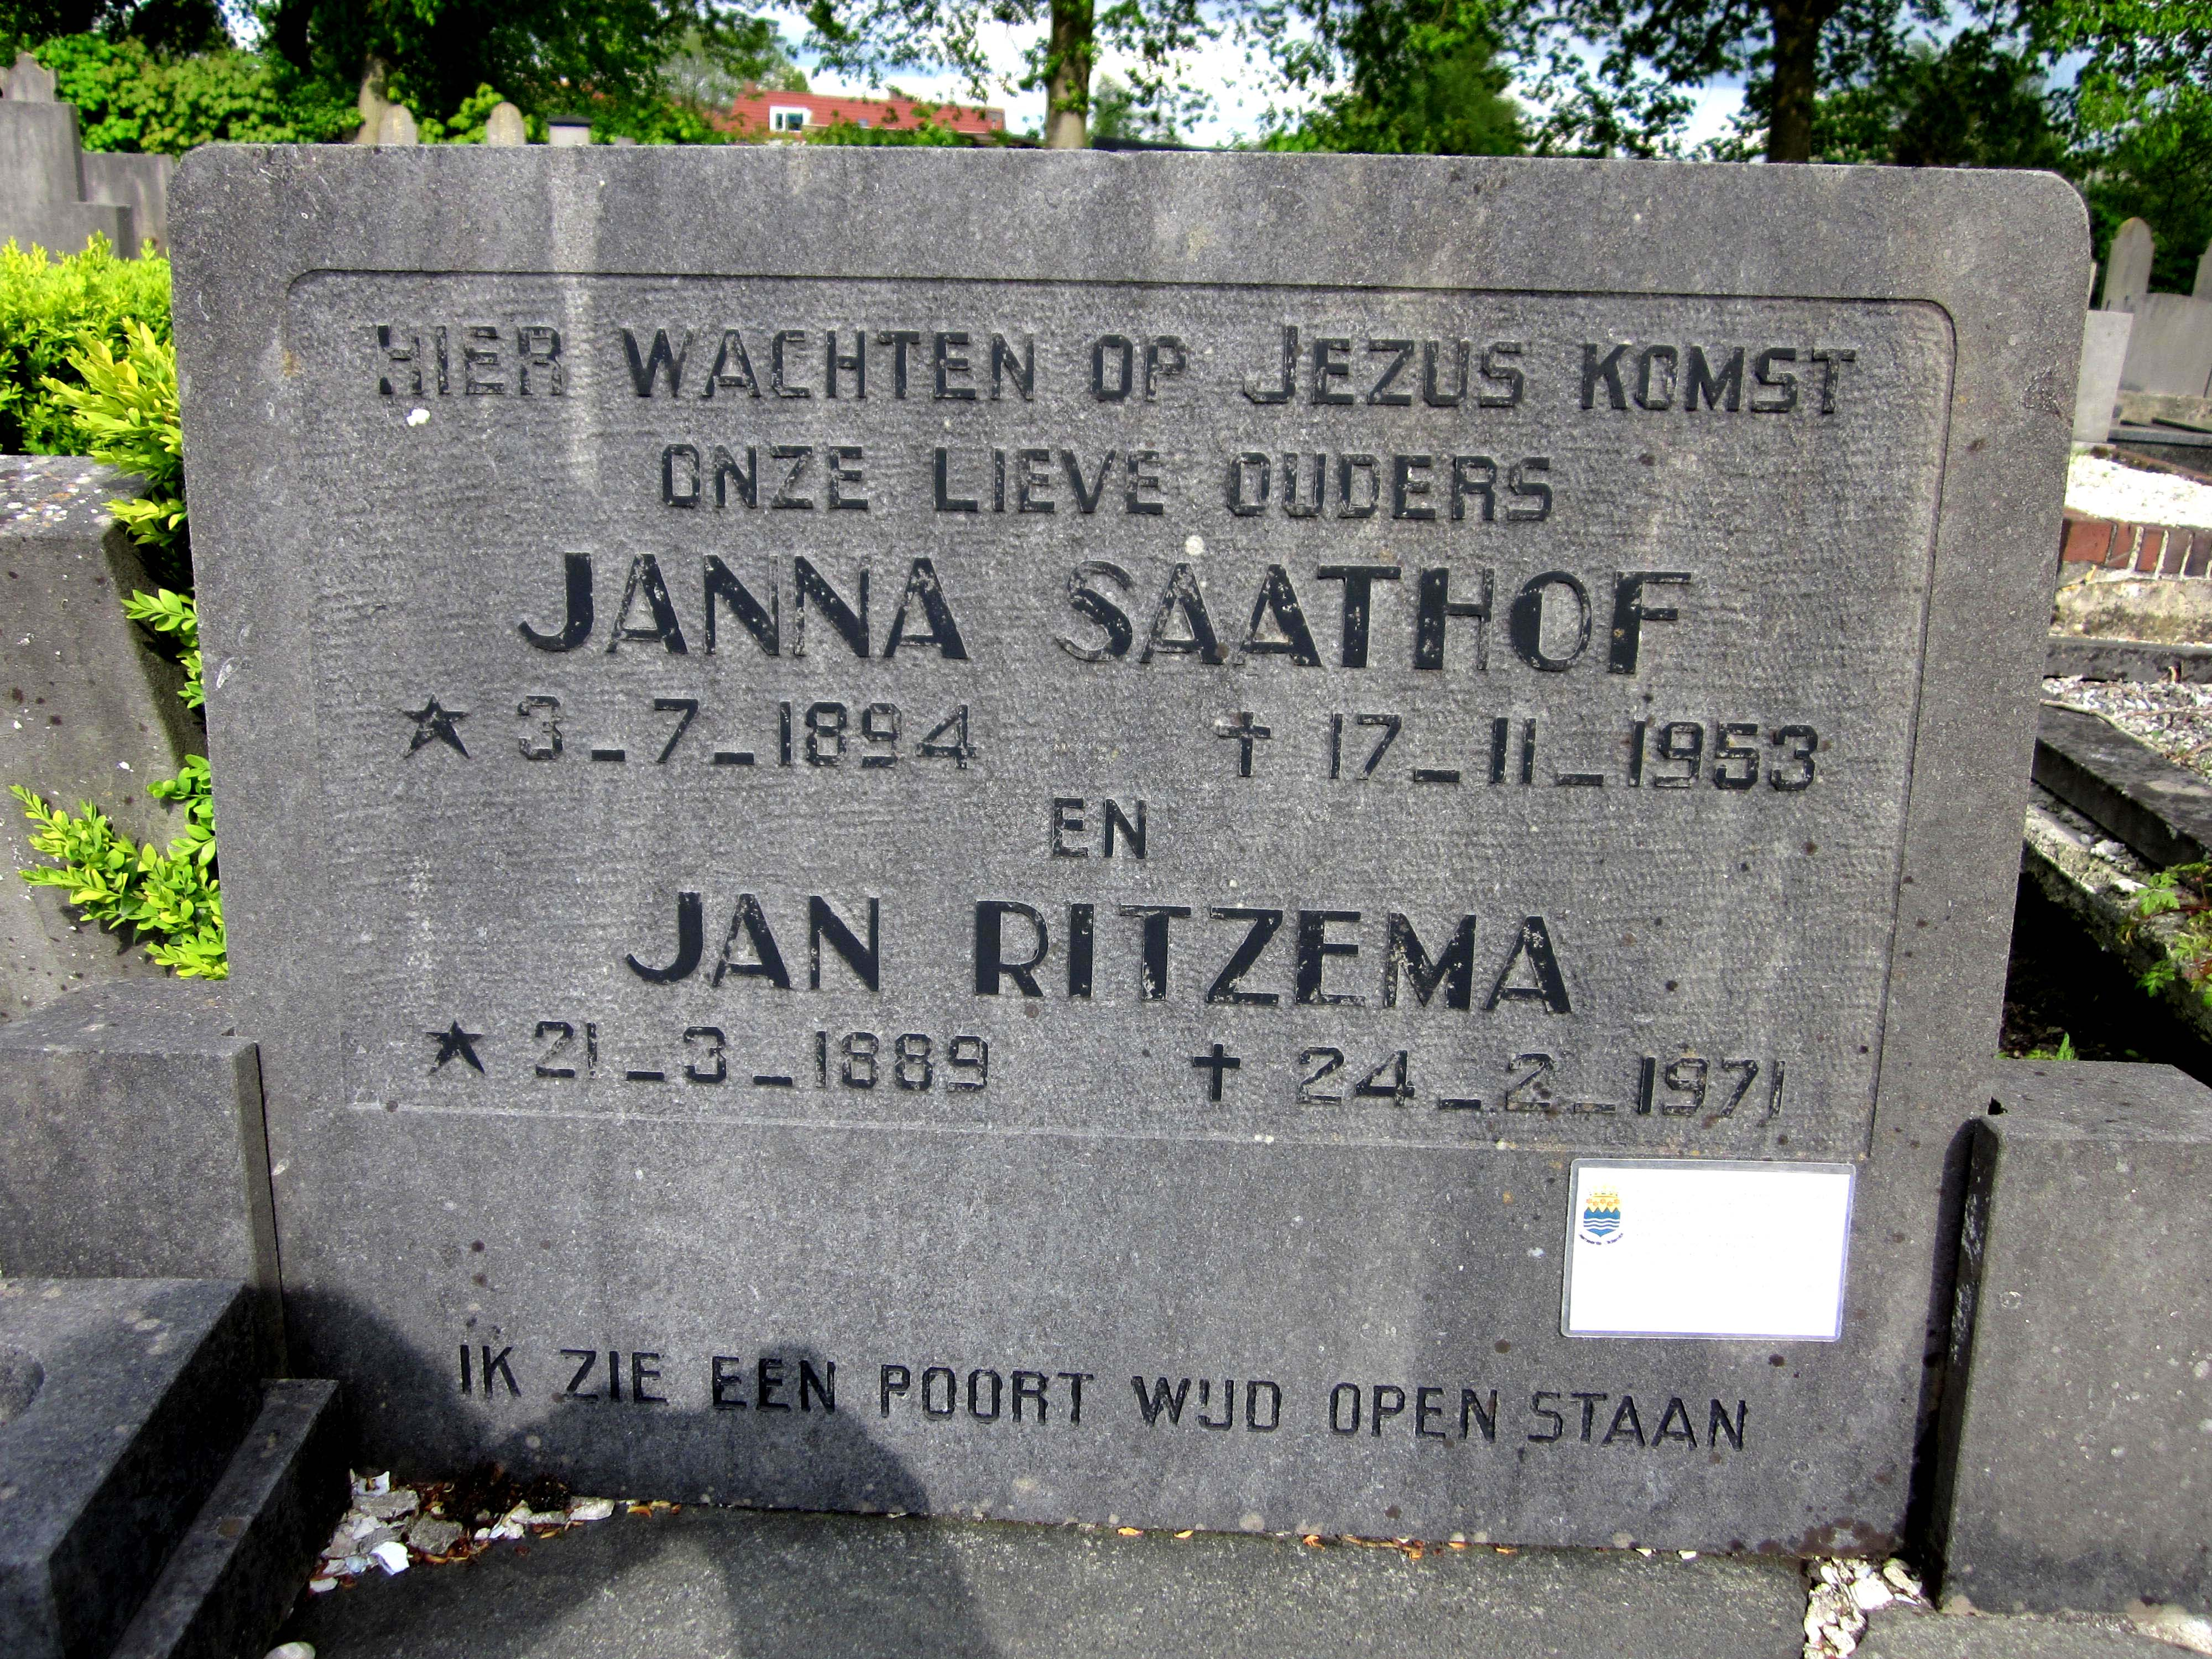 Jan & Janna Ritzema - Saathof